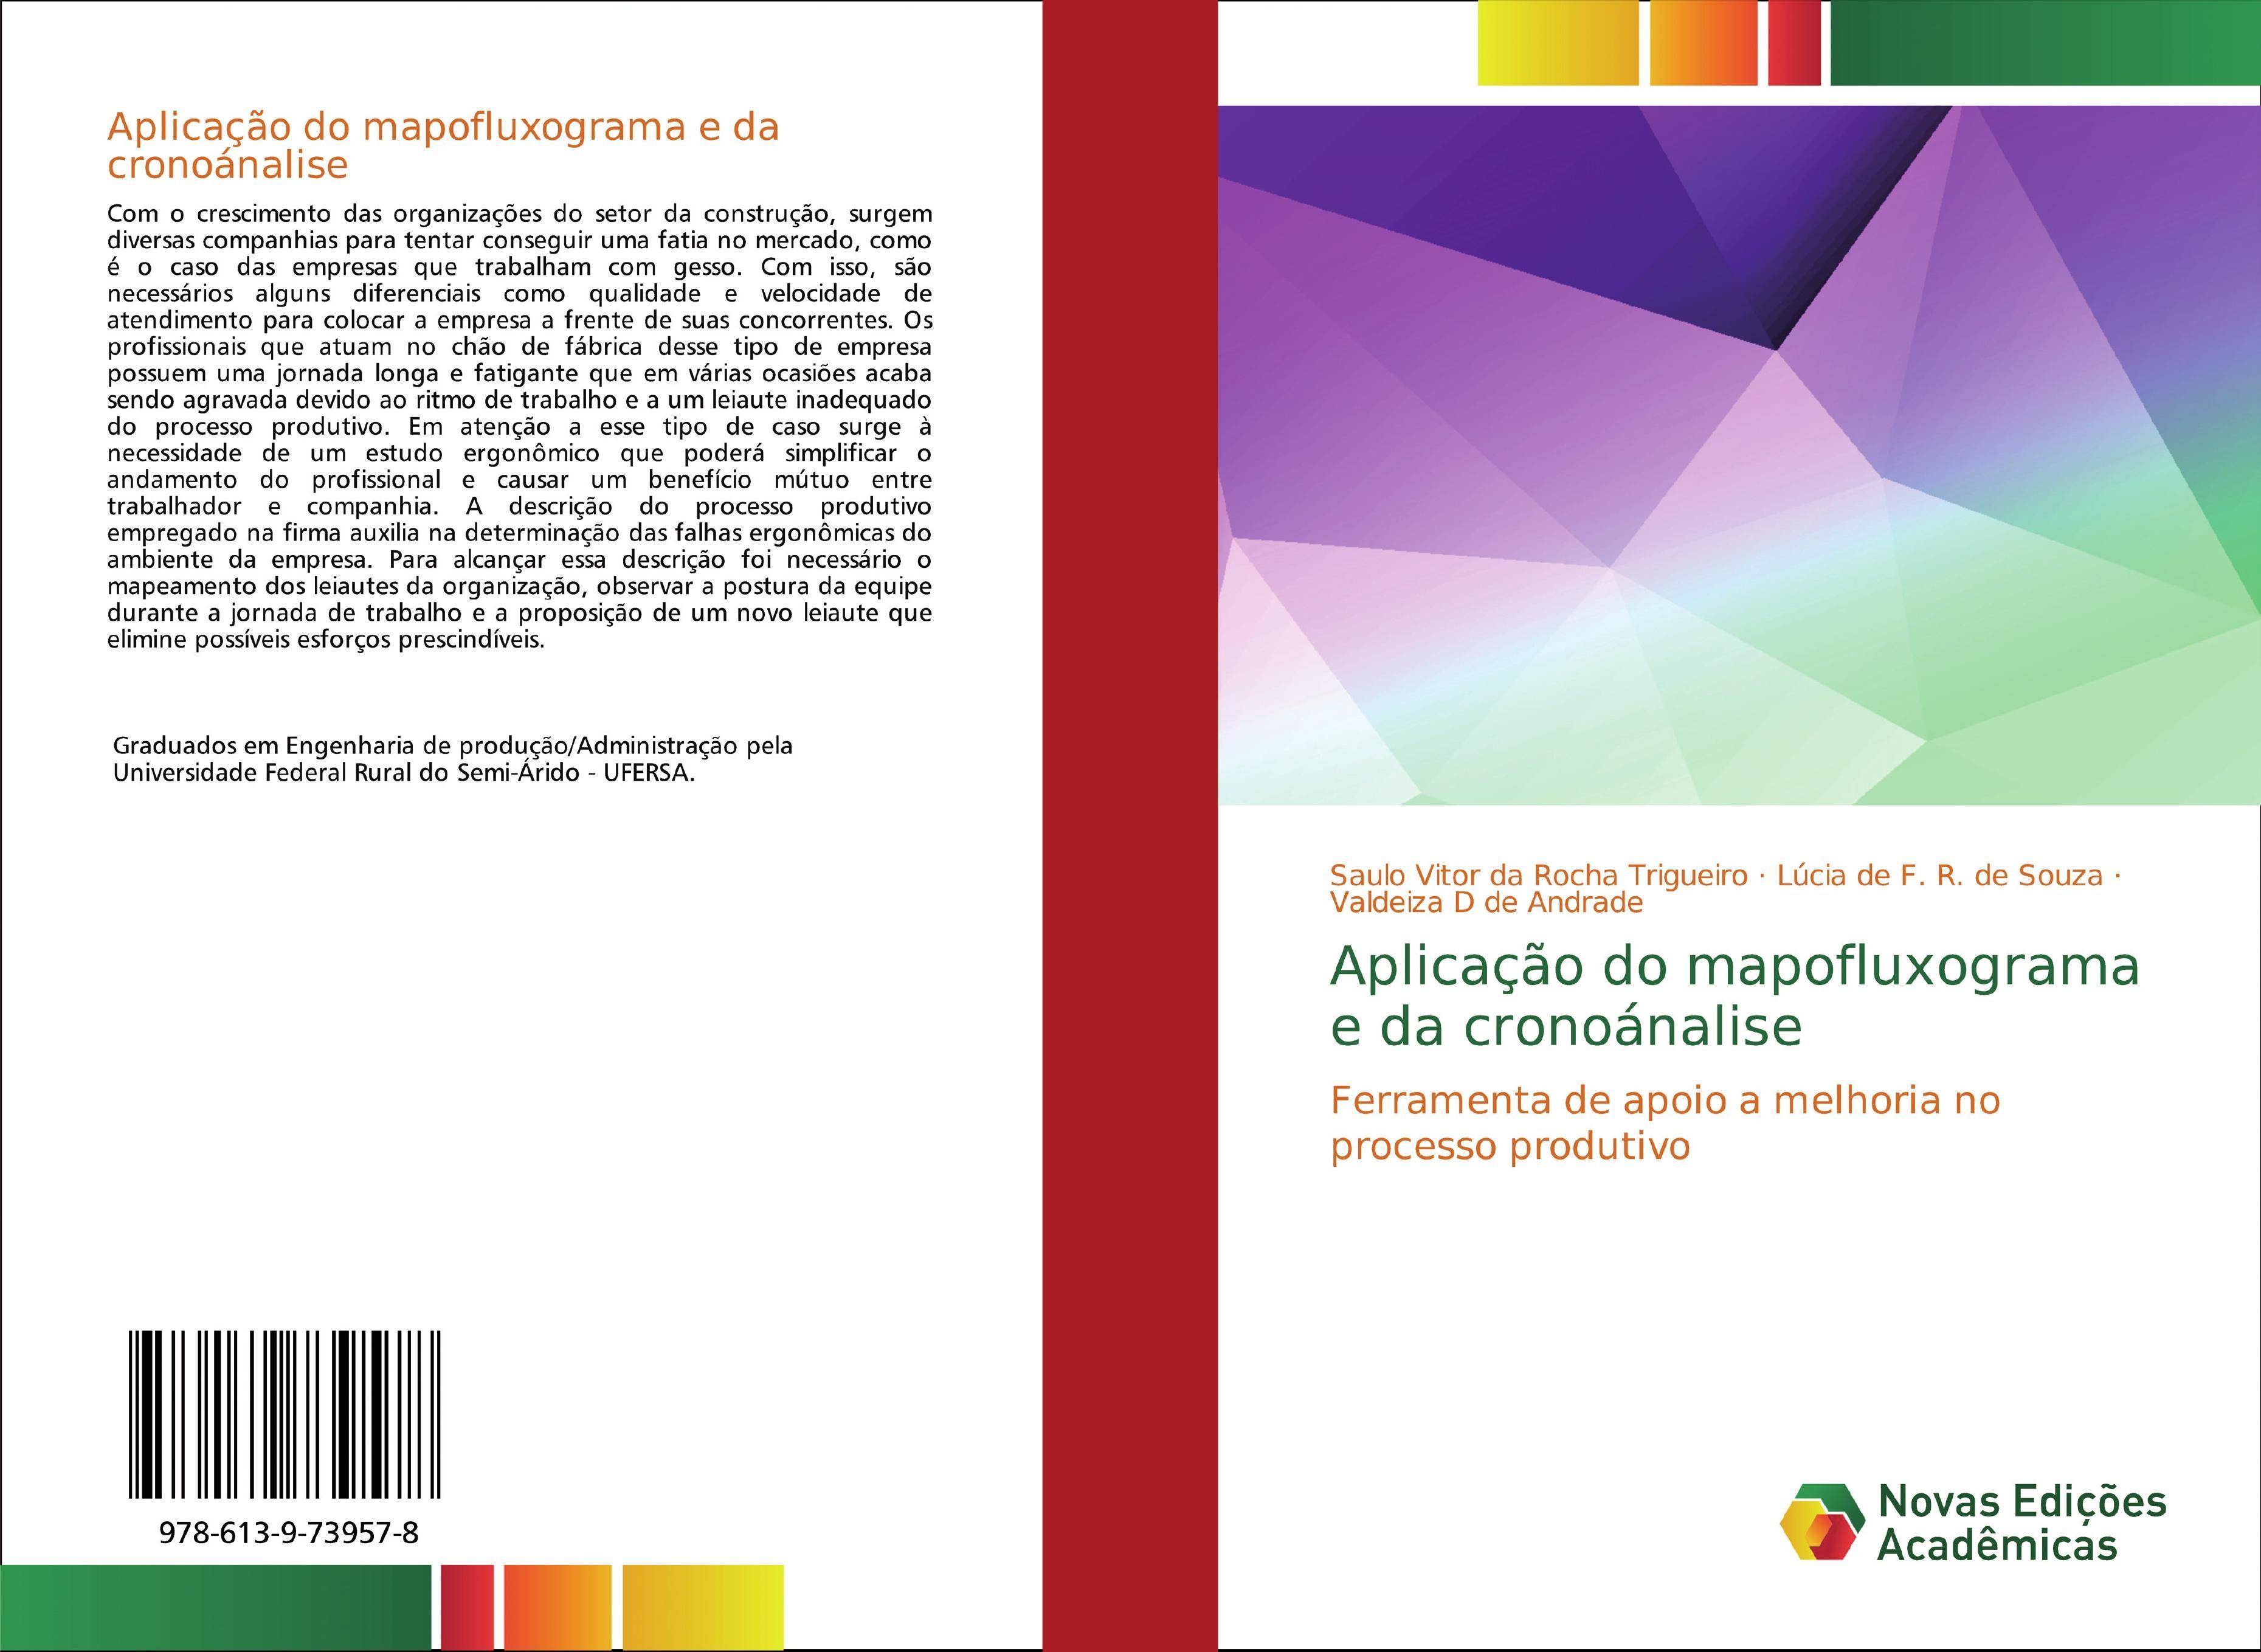 Aplicação do mapofluxograma e da cronoánalise  Saulo Vitor Da Rocha Trigueiro (u. a.)  Taschenbuch  Portugiesisch  2019 - Da Rocha Trigueiro, Saulo Vitor